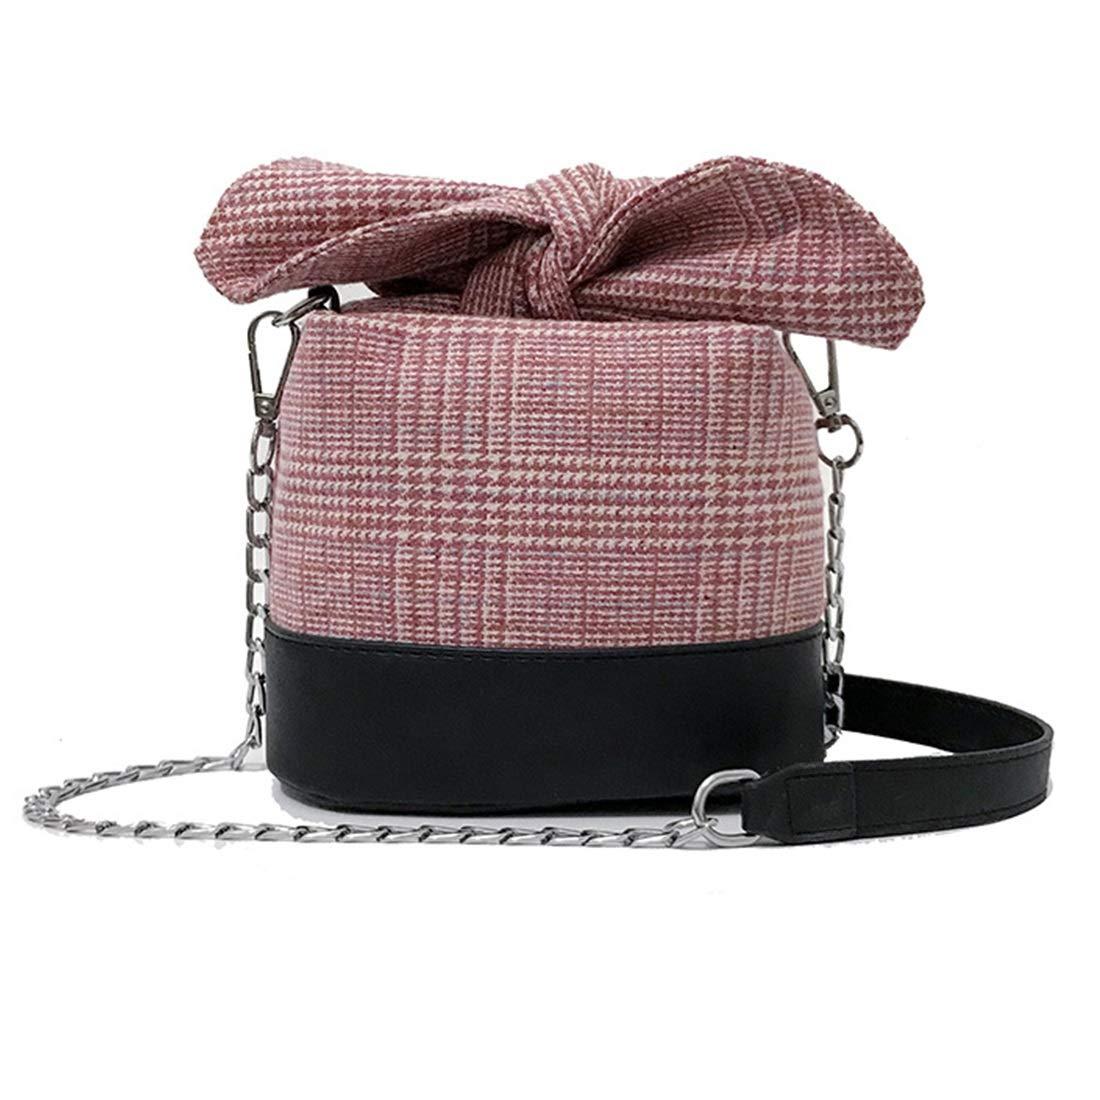 Igspfbjn Igspfbjn Igspfbjn Gitter Eimer Mini-Paket, Umhängetaschen, Umhängetasche PU-Leder für Frauen (Farbe   schwarz) B07KJYXGQ3 Messenger-Bags d62848